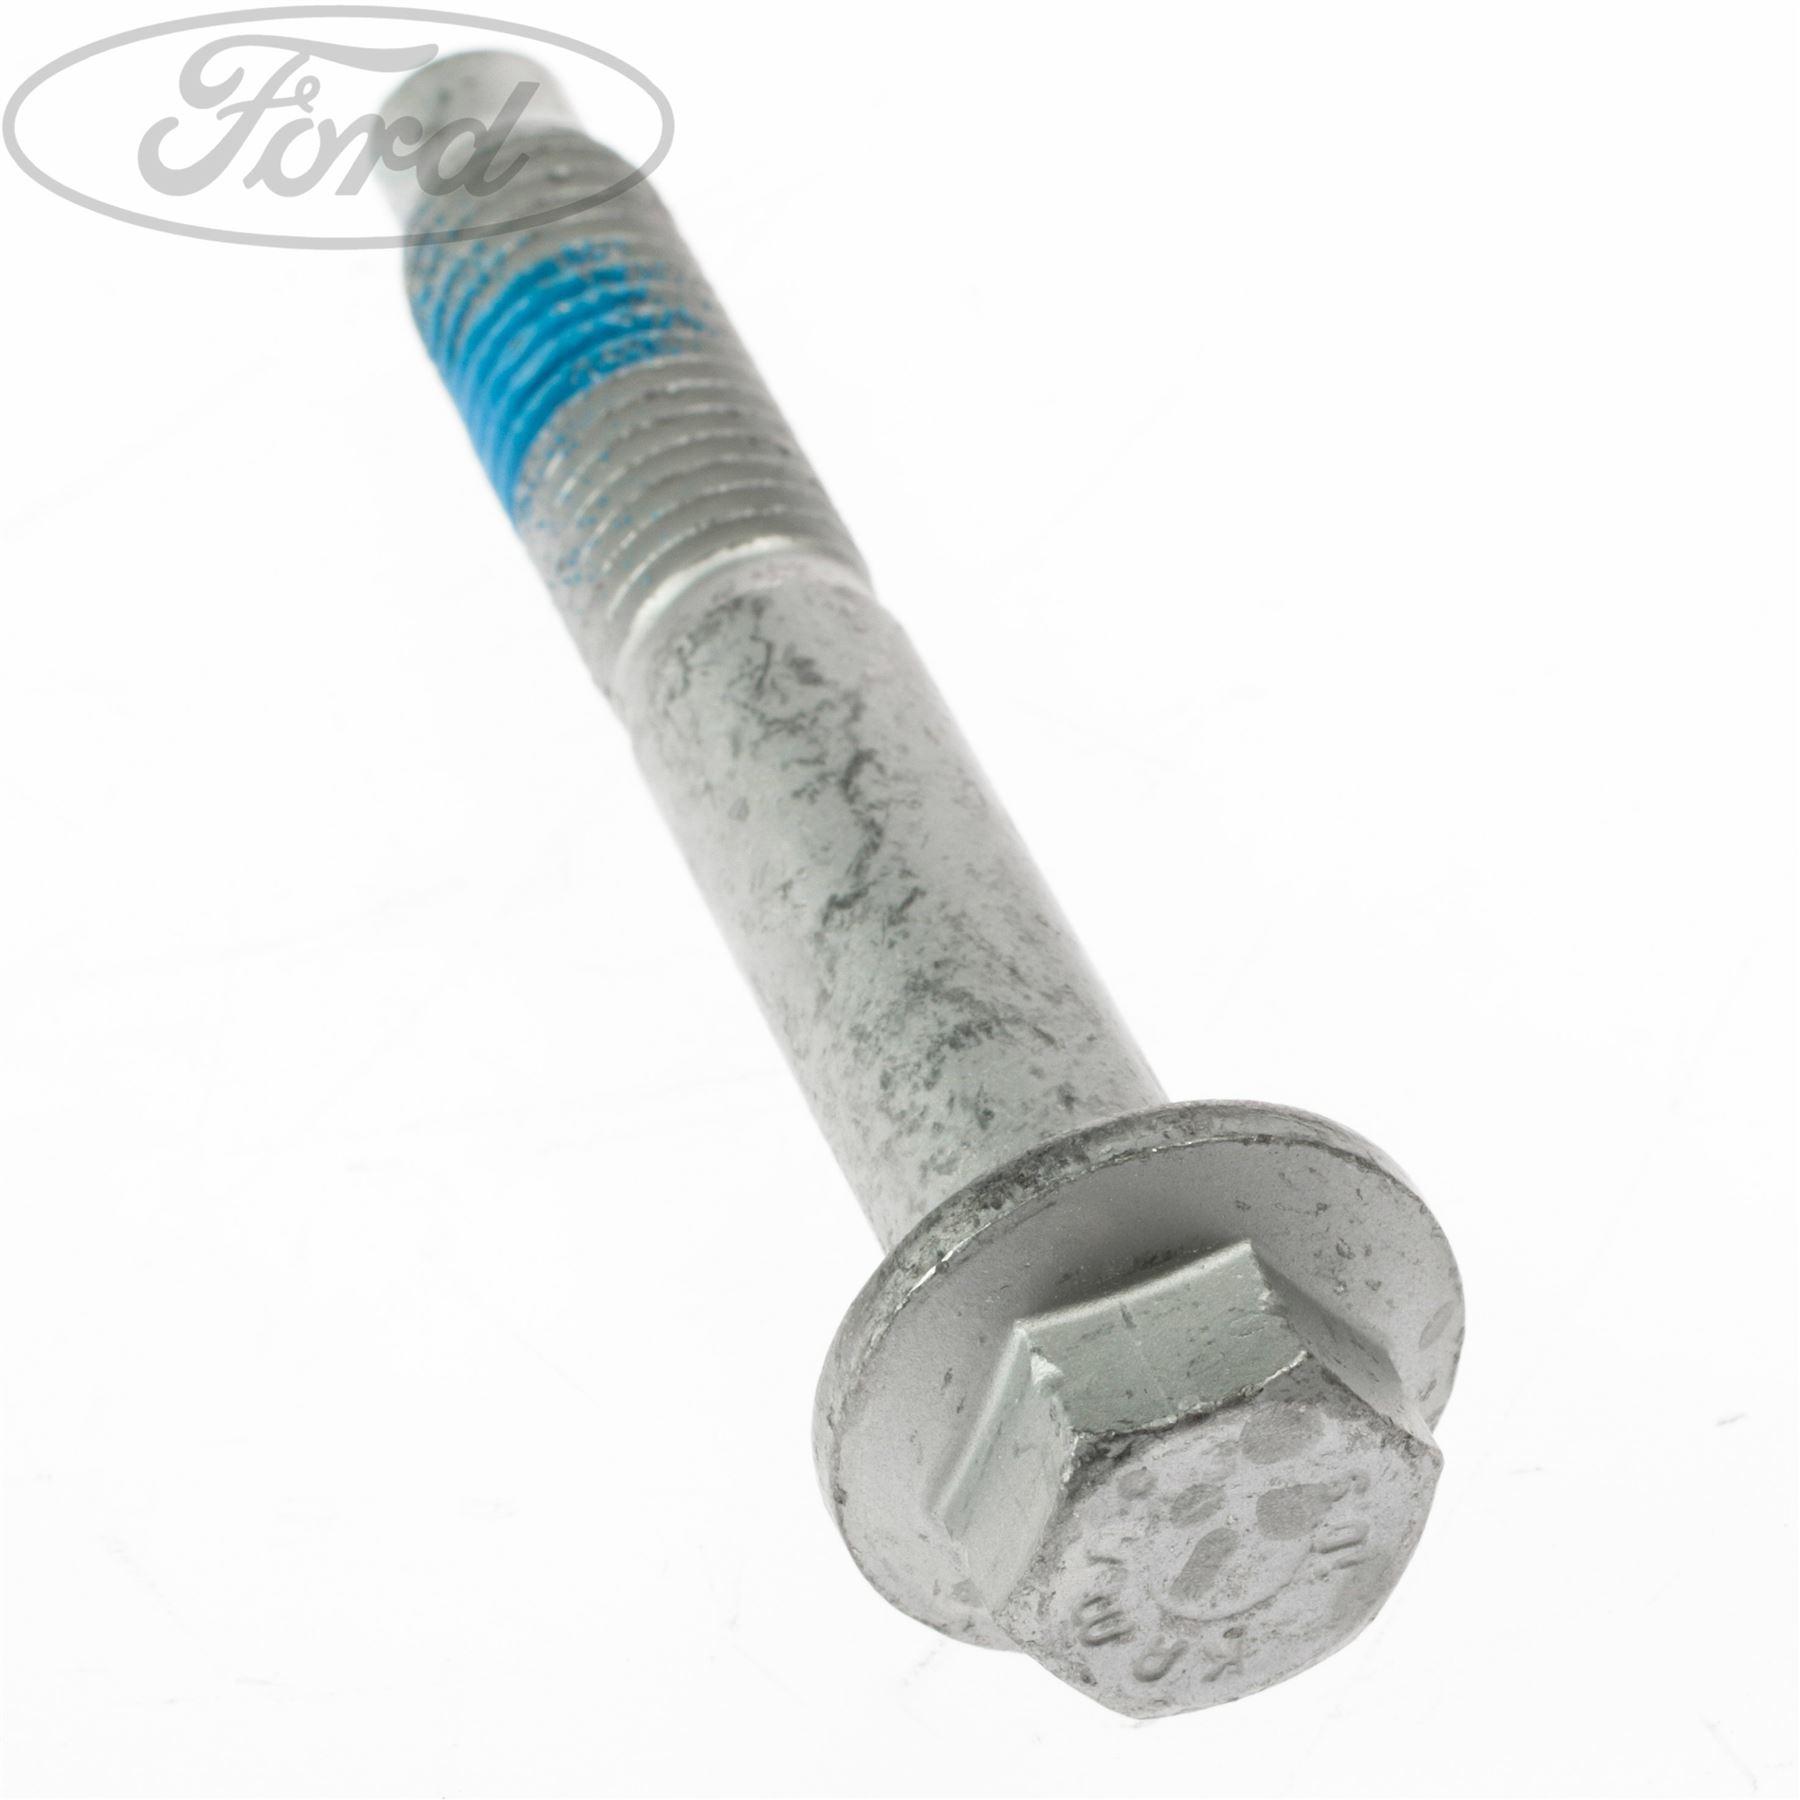 Genuine Ford Focus Mk1 Fiesta Rear Springs Shock Absorbers Bolt 2000 Ke Booster Vacuum Line 1473945